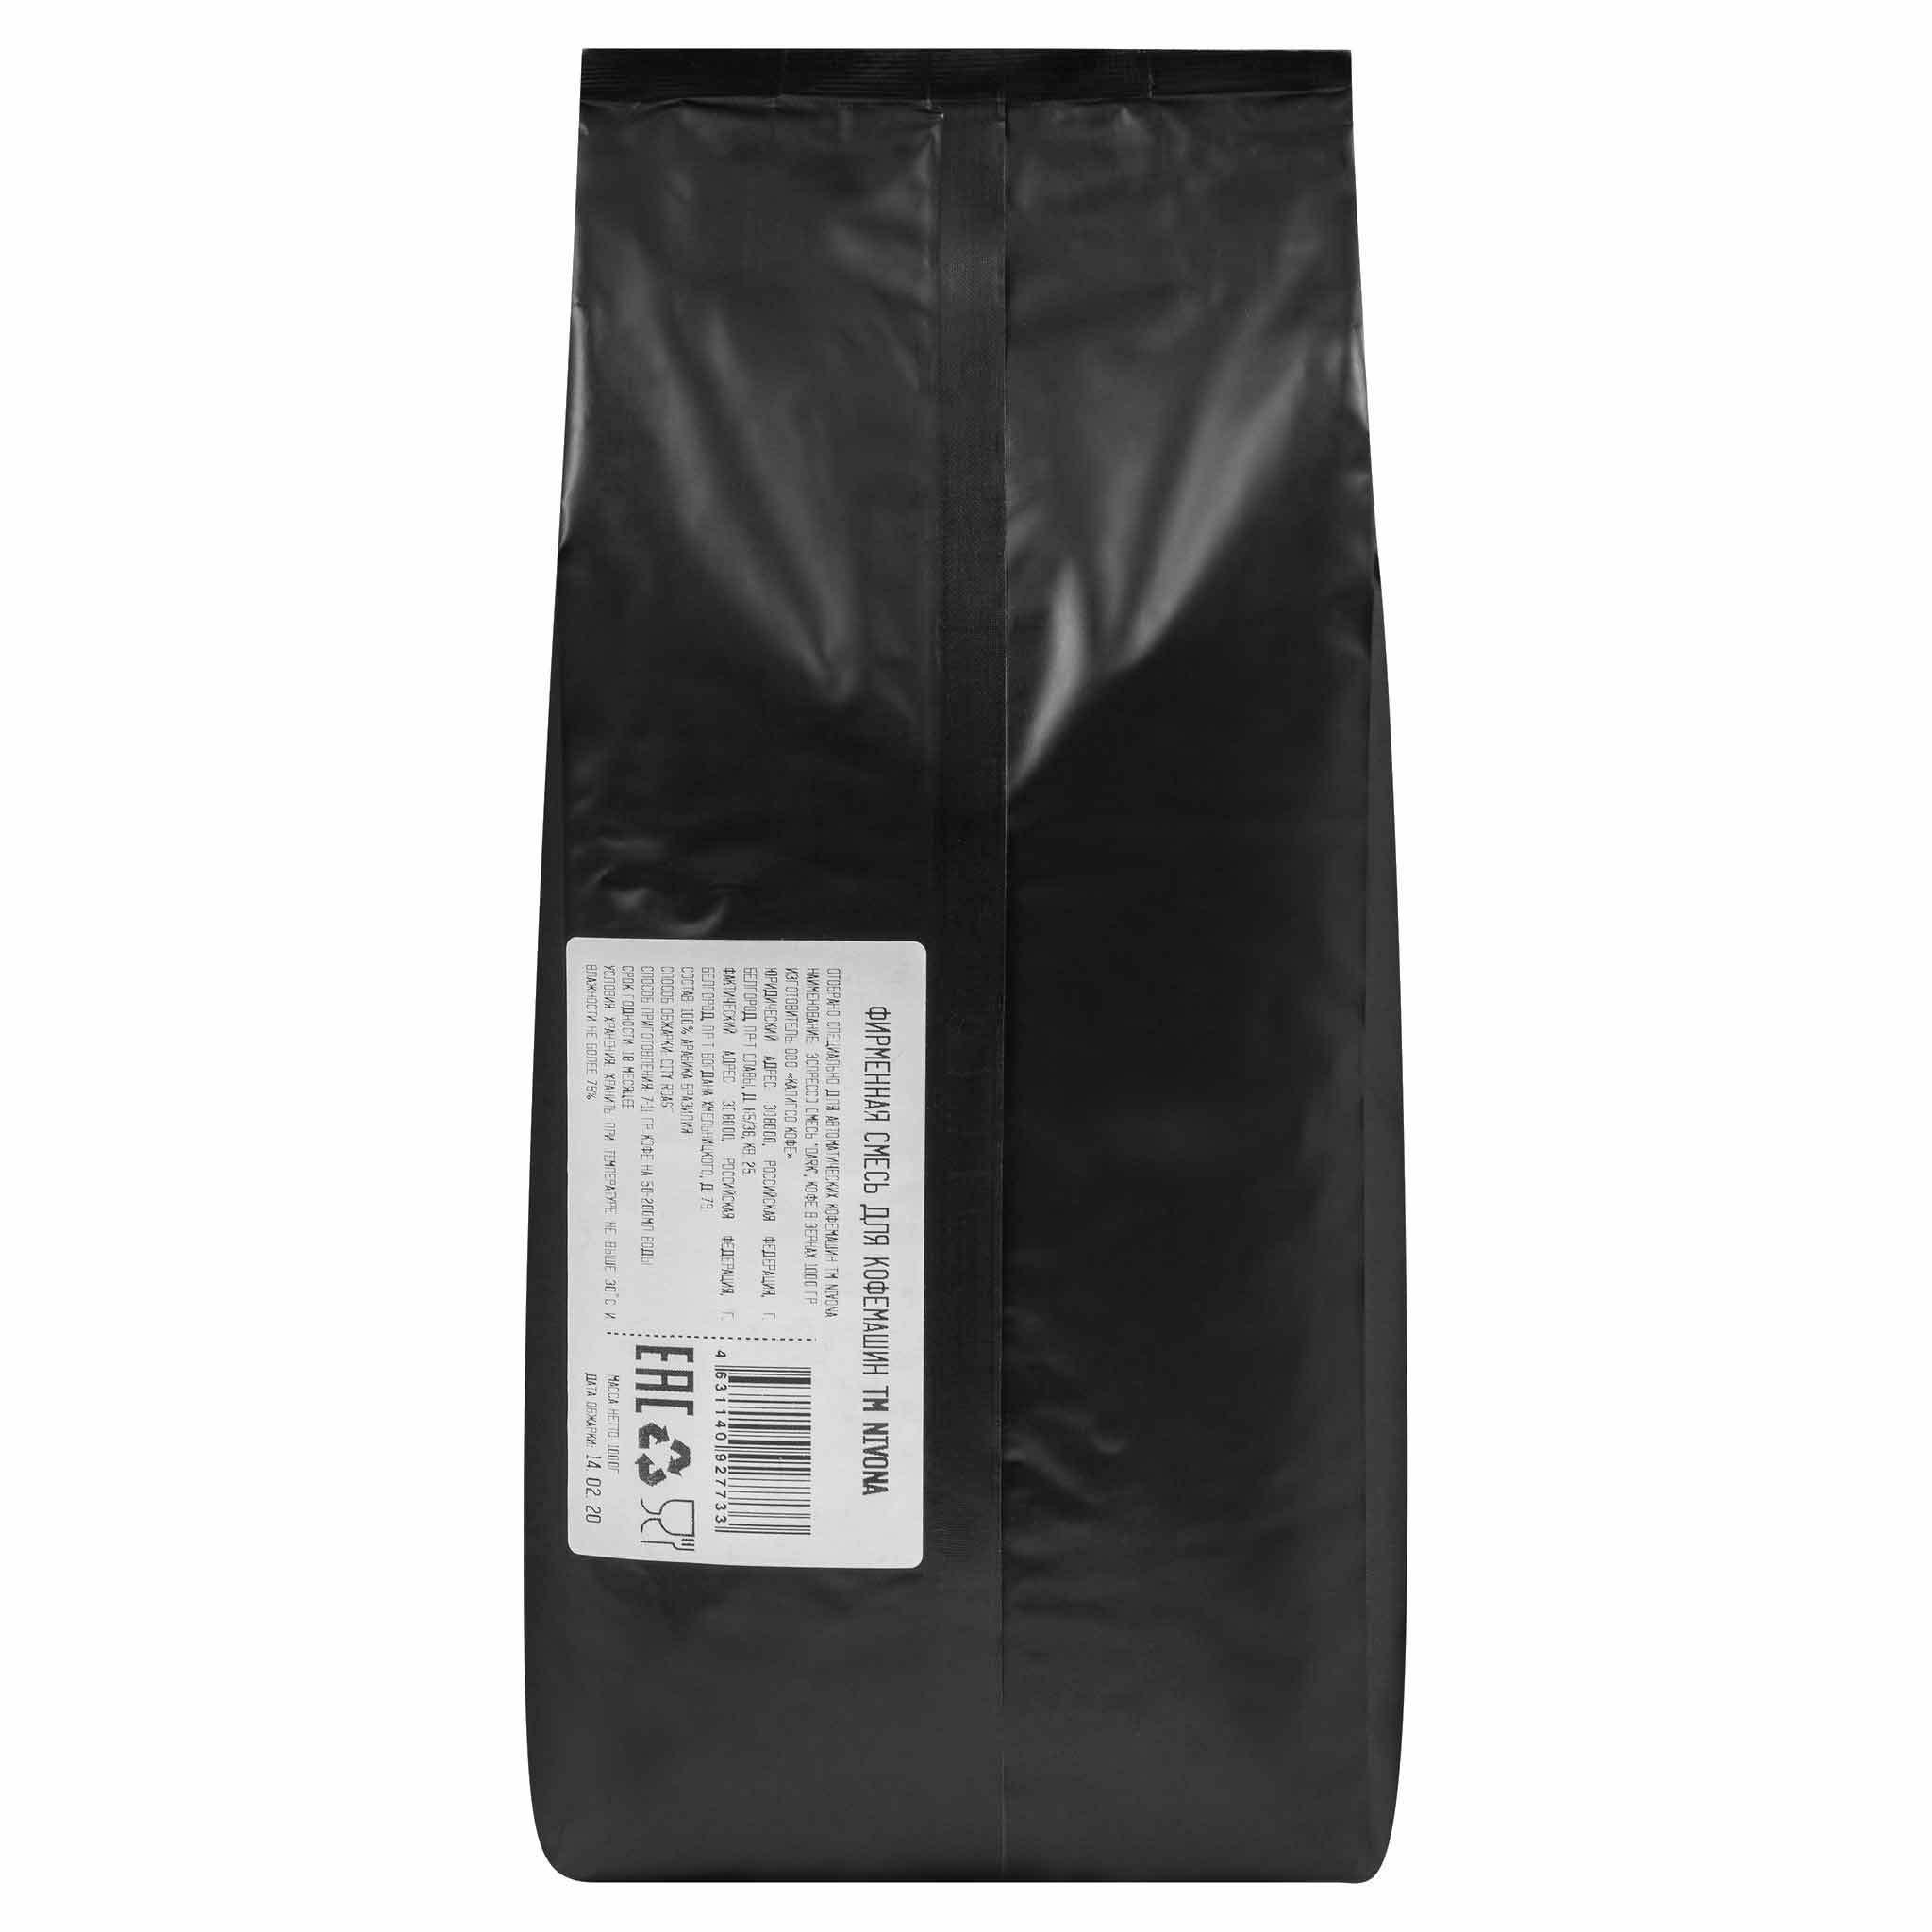 Кофе в зернах Nivona CRAFT, 500 гр.